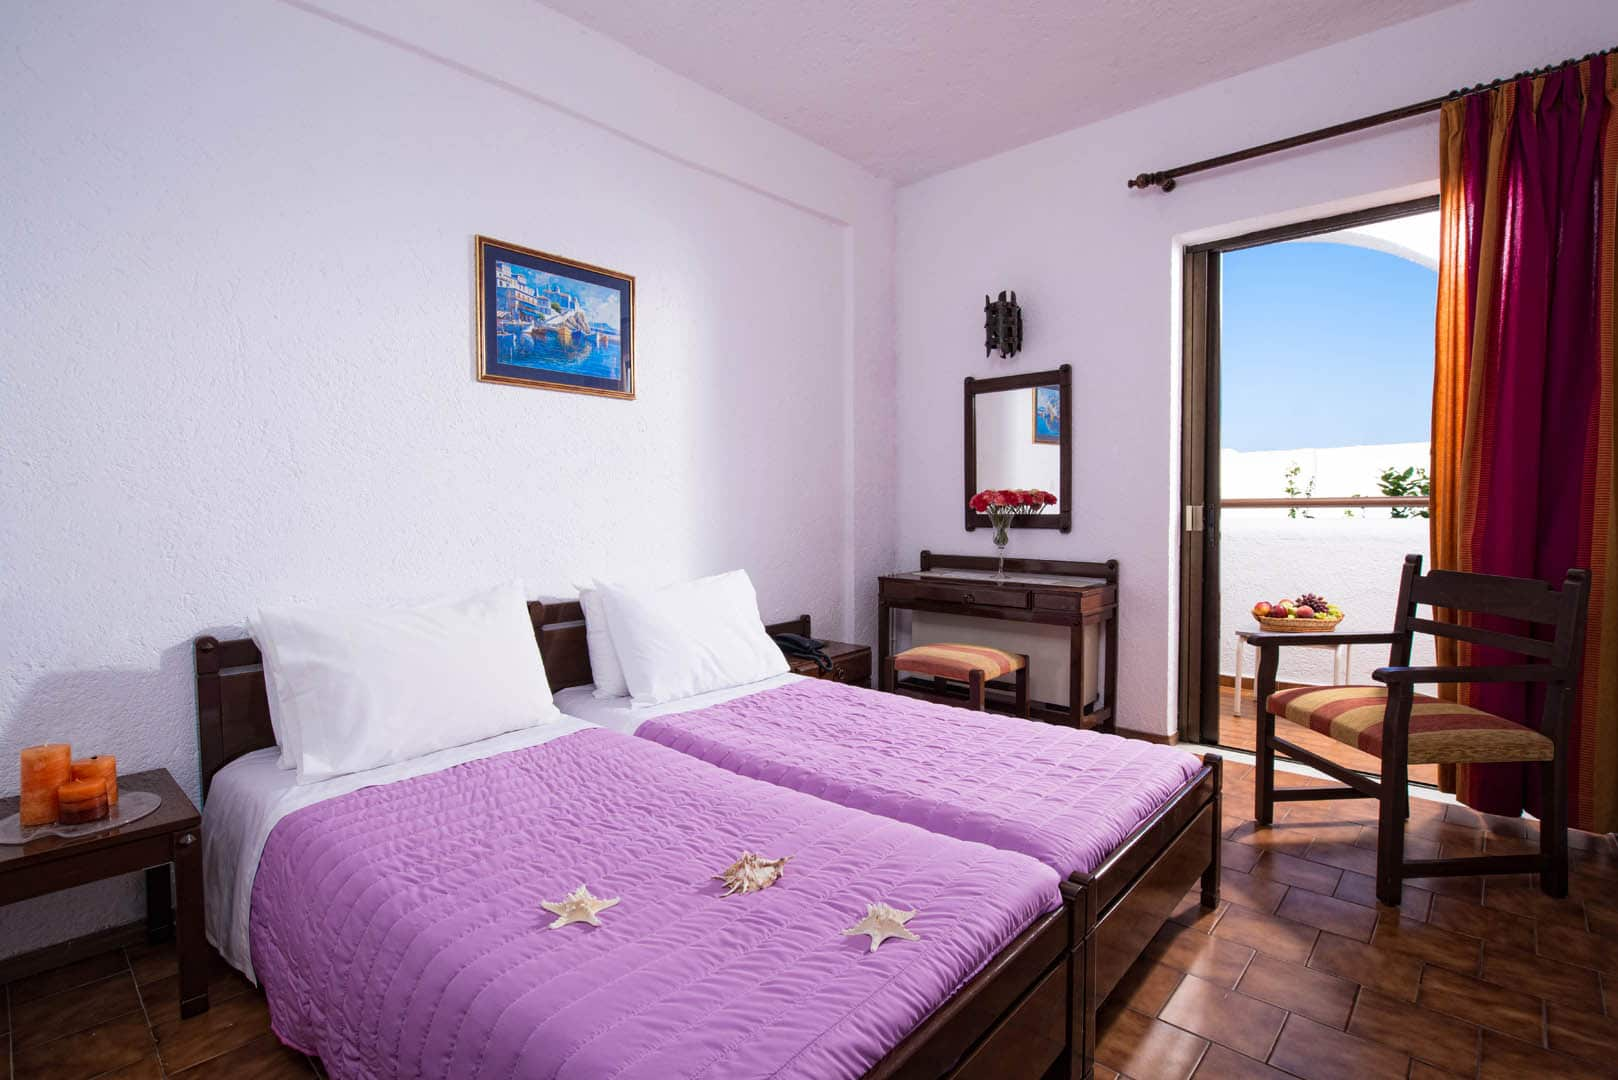 malia-holidays-rooms-10